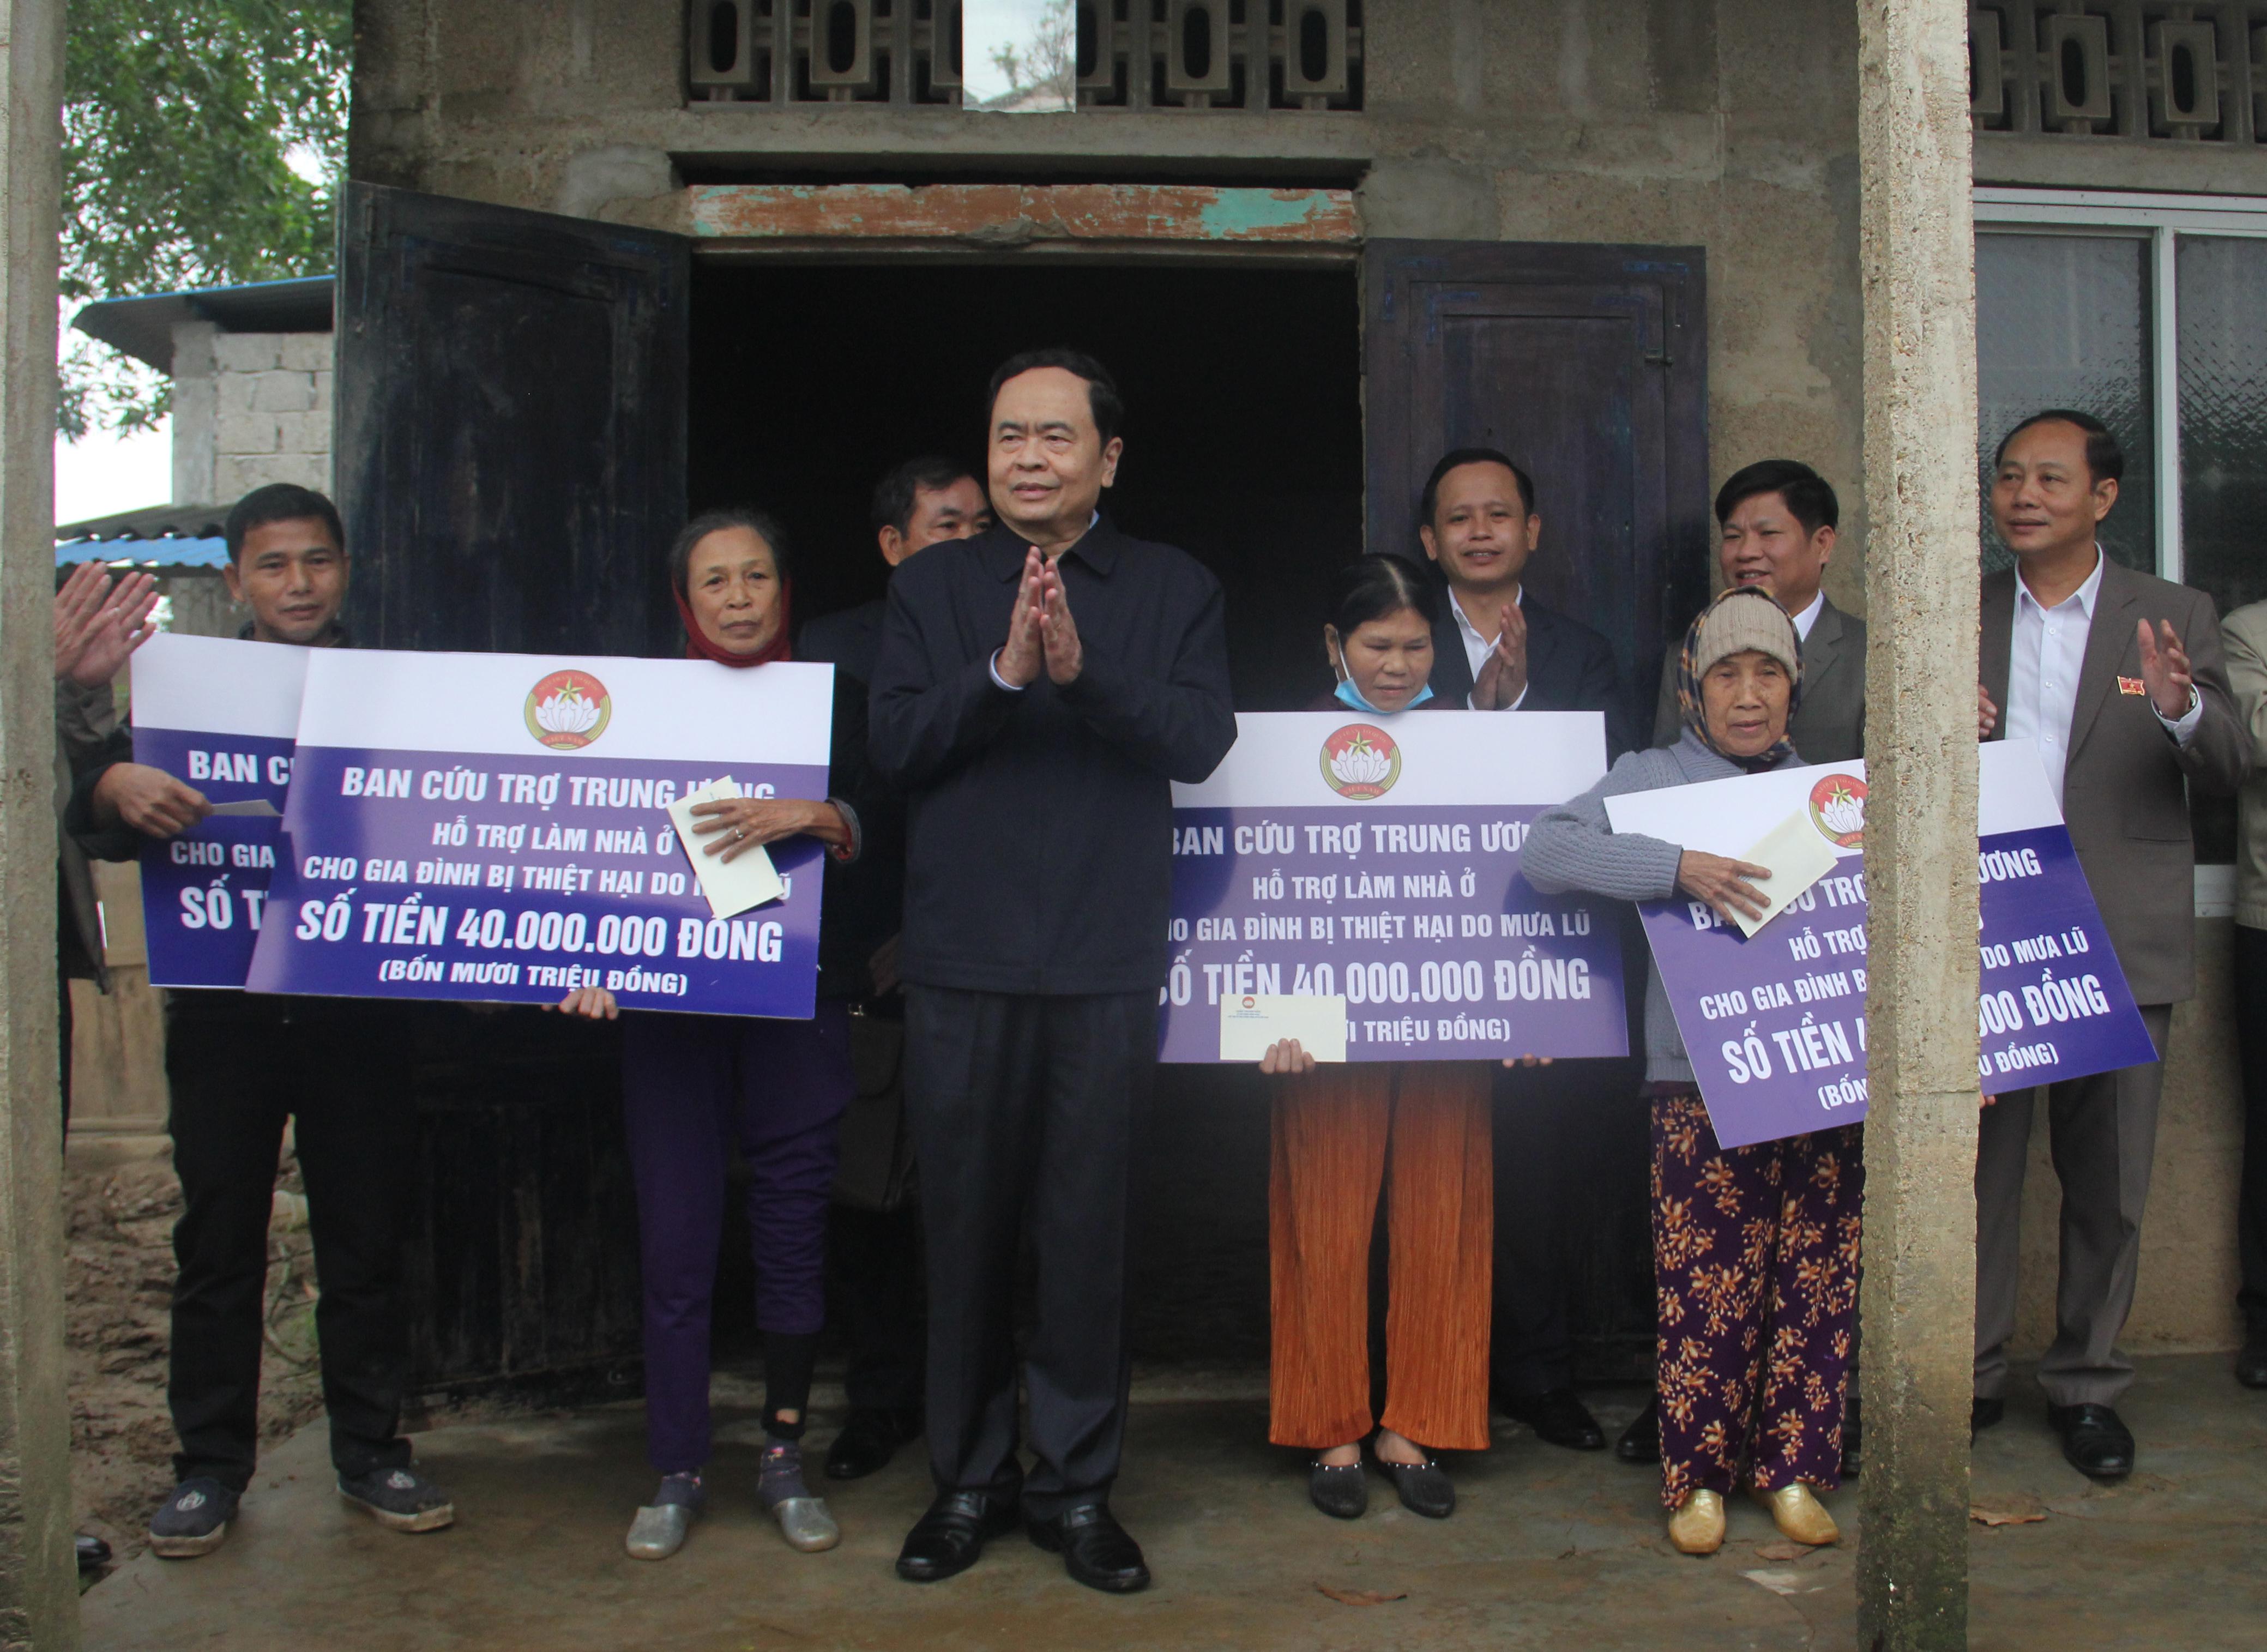 Chủ tịch Trần Thanh Mẫn thăm và trao tiền hỗ trợ các hộ dân có nhà cửa bị hư hỏng trong đợt mưa lũ vừa qua tại thôn Tân Đức, xã Triệu Thành.